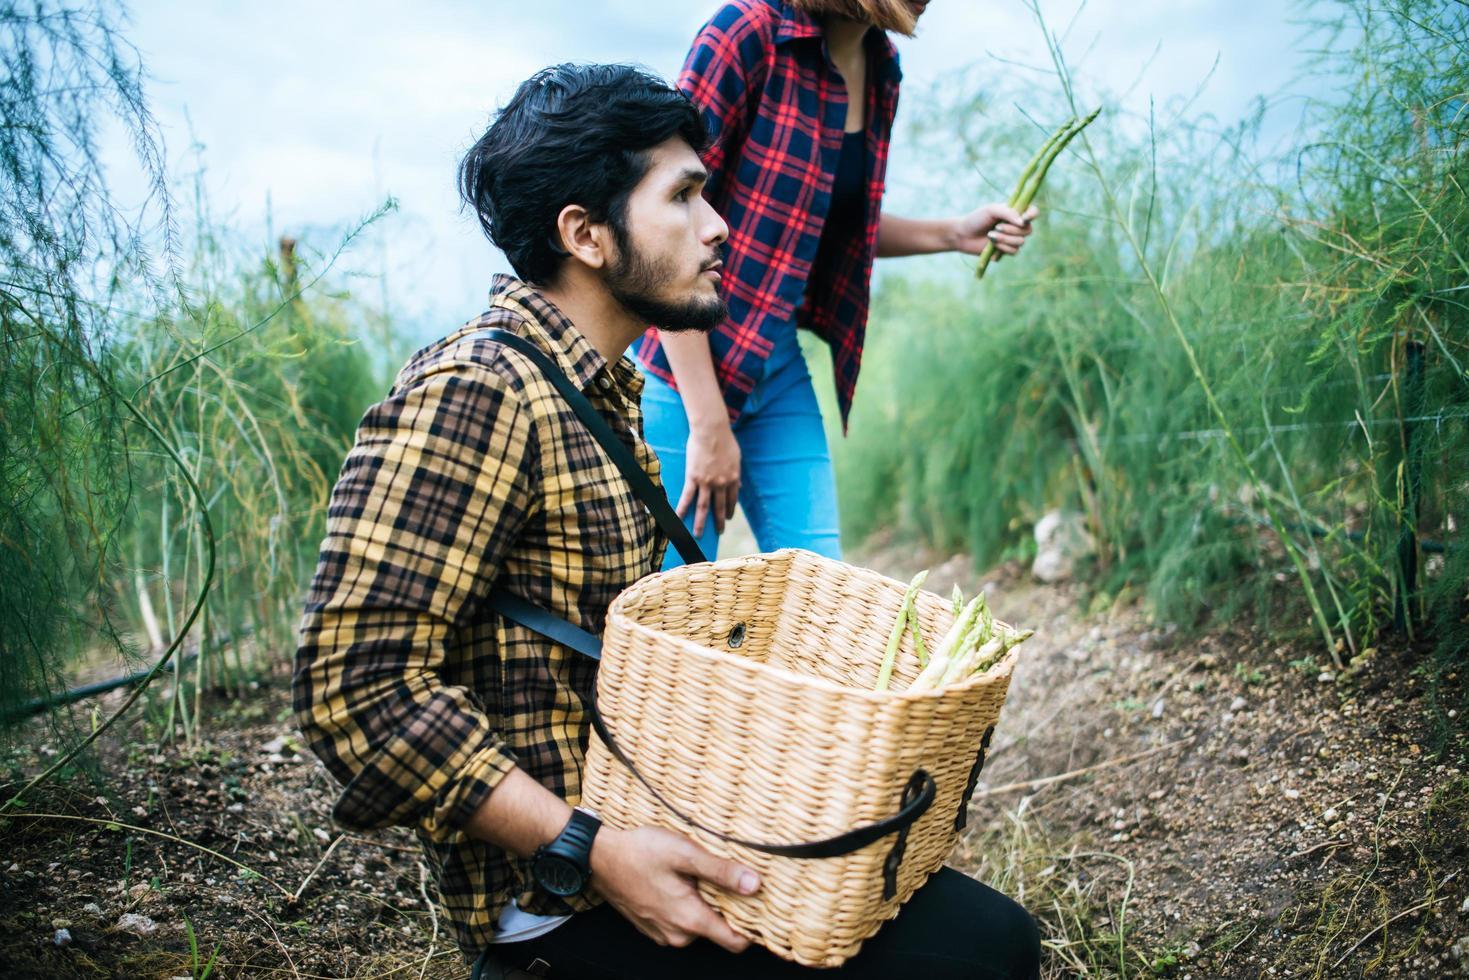 Pareja joven agricultor cosechando espárragos frescos foto